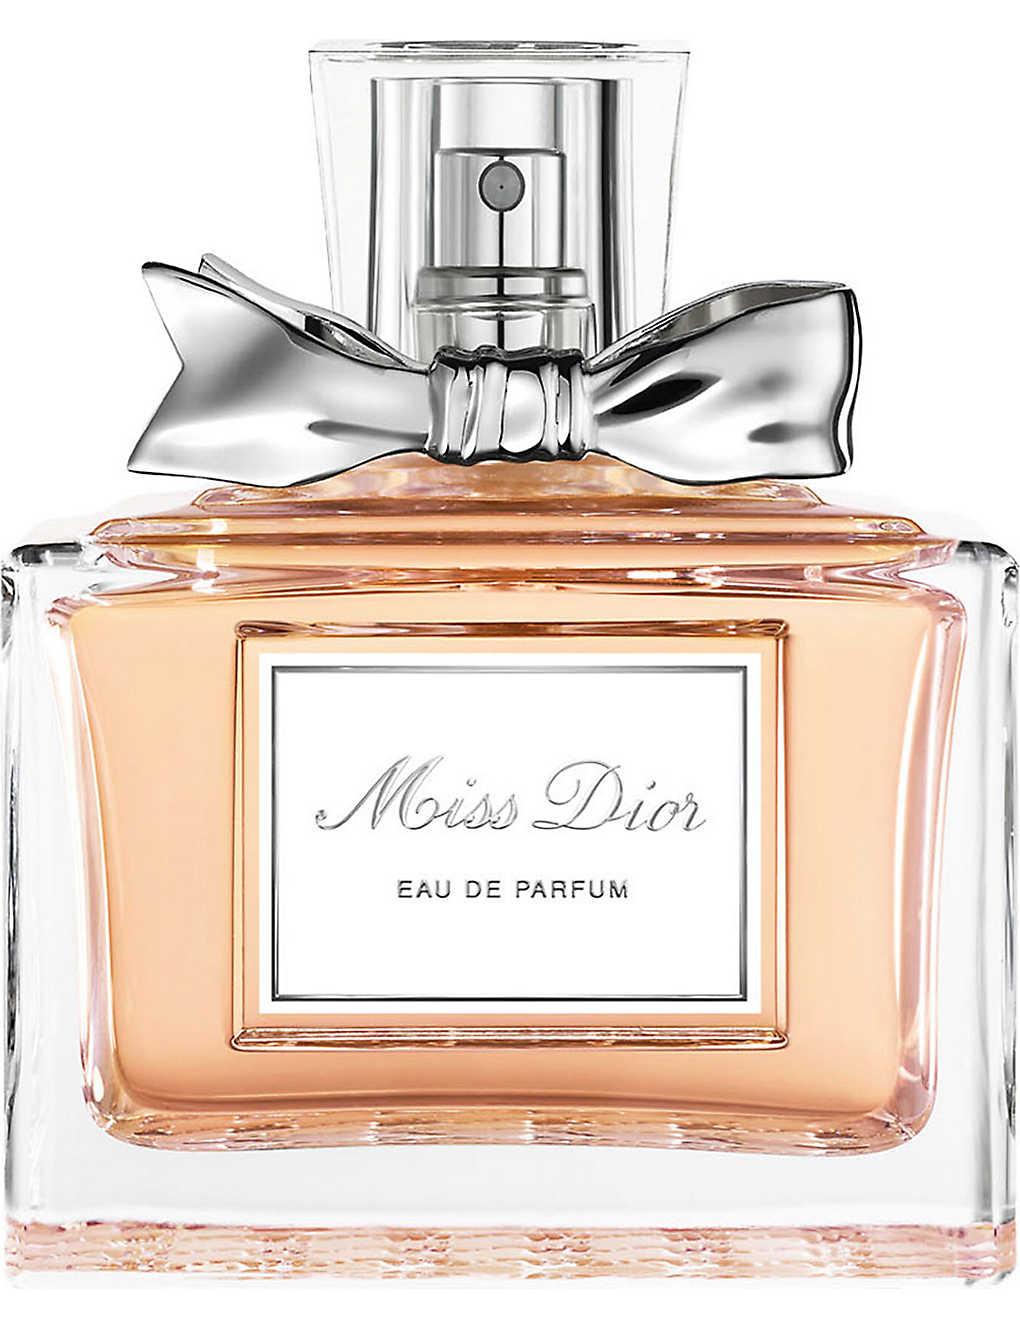 170768a88fe DIOR - Miss Dior eau de parfum 50ml